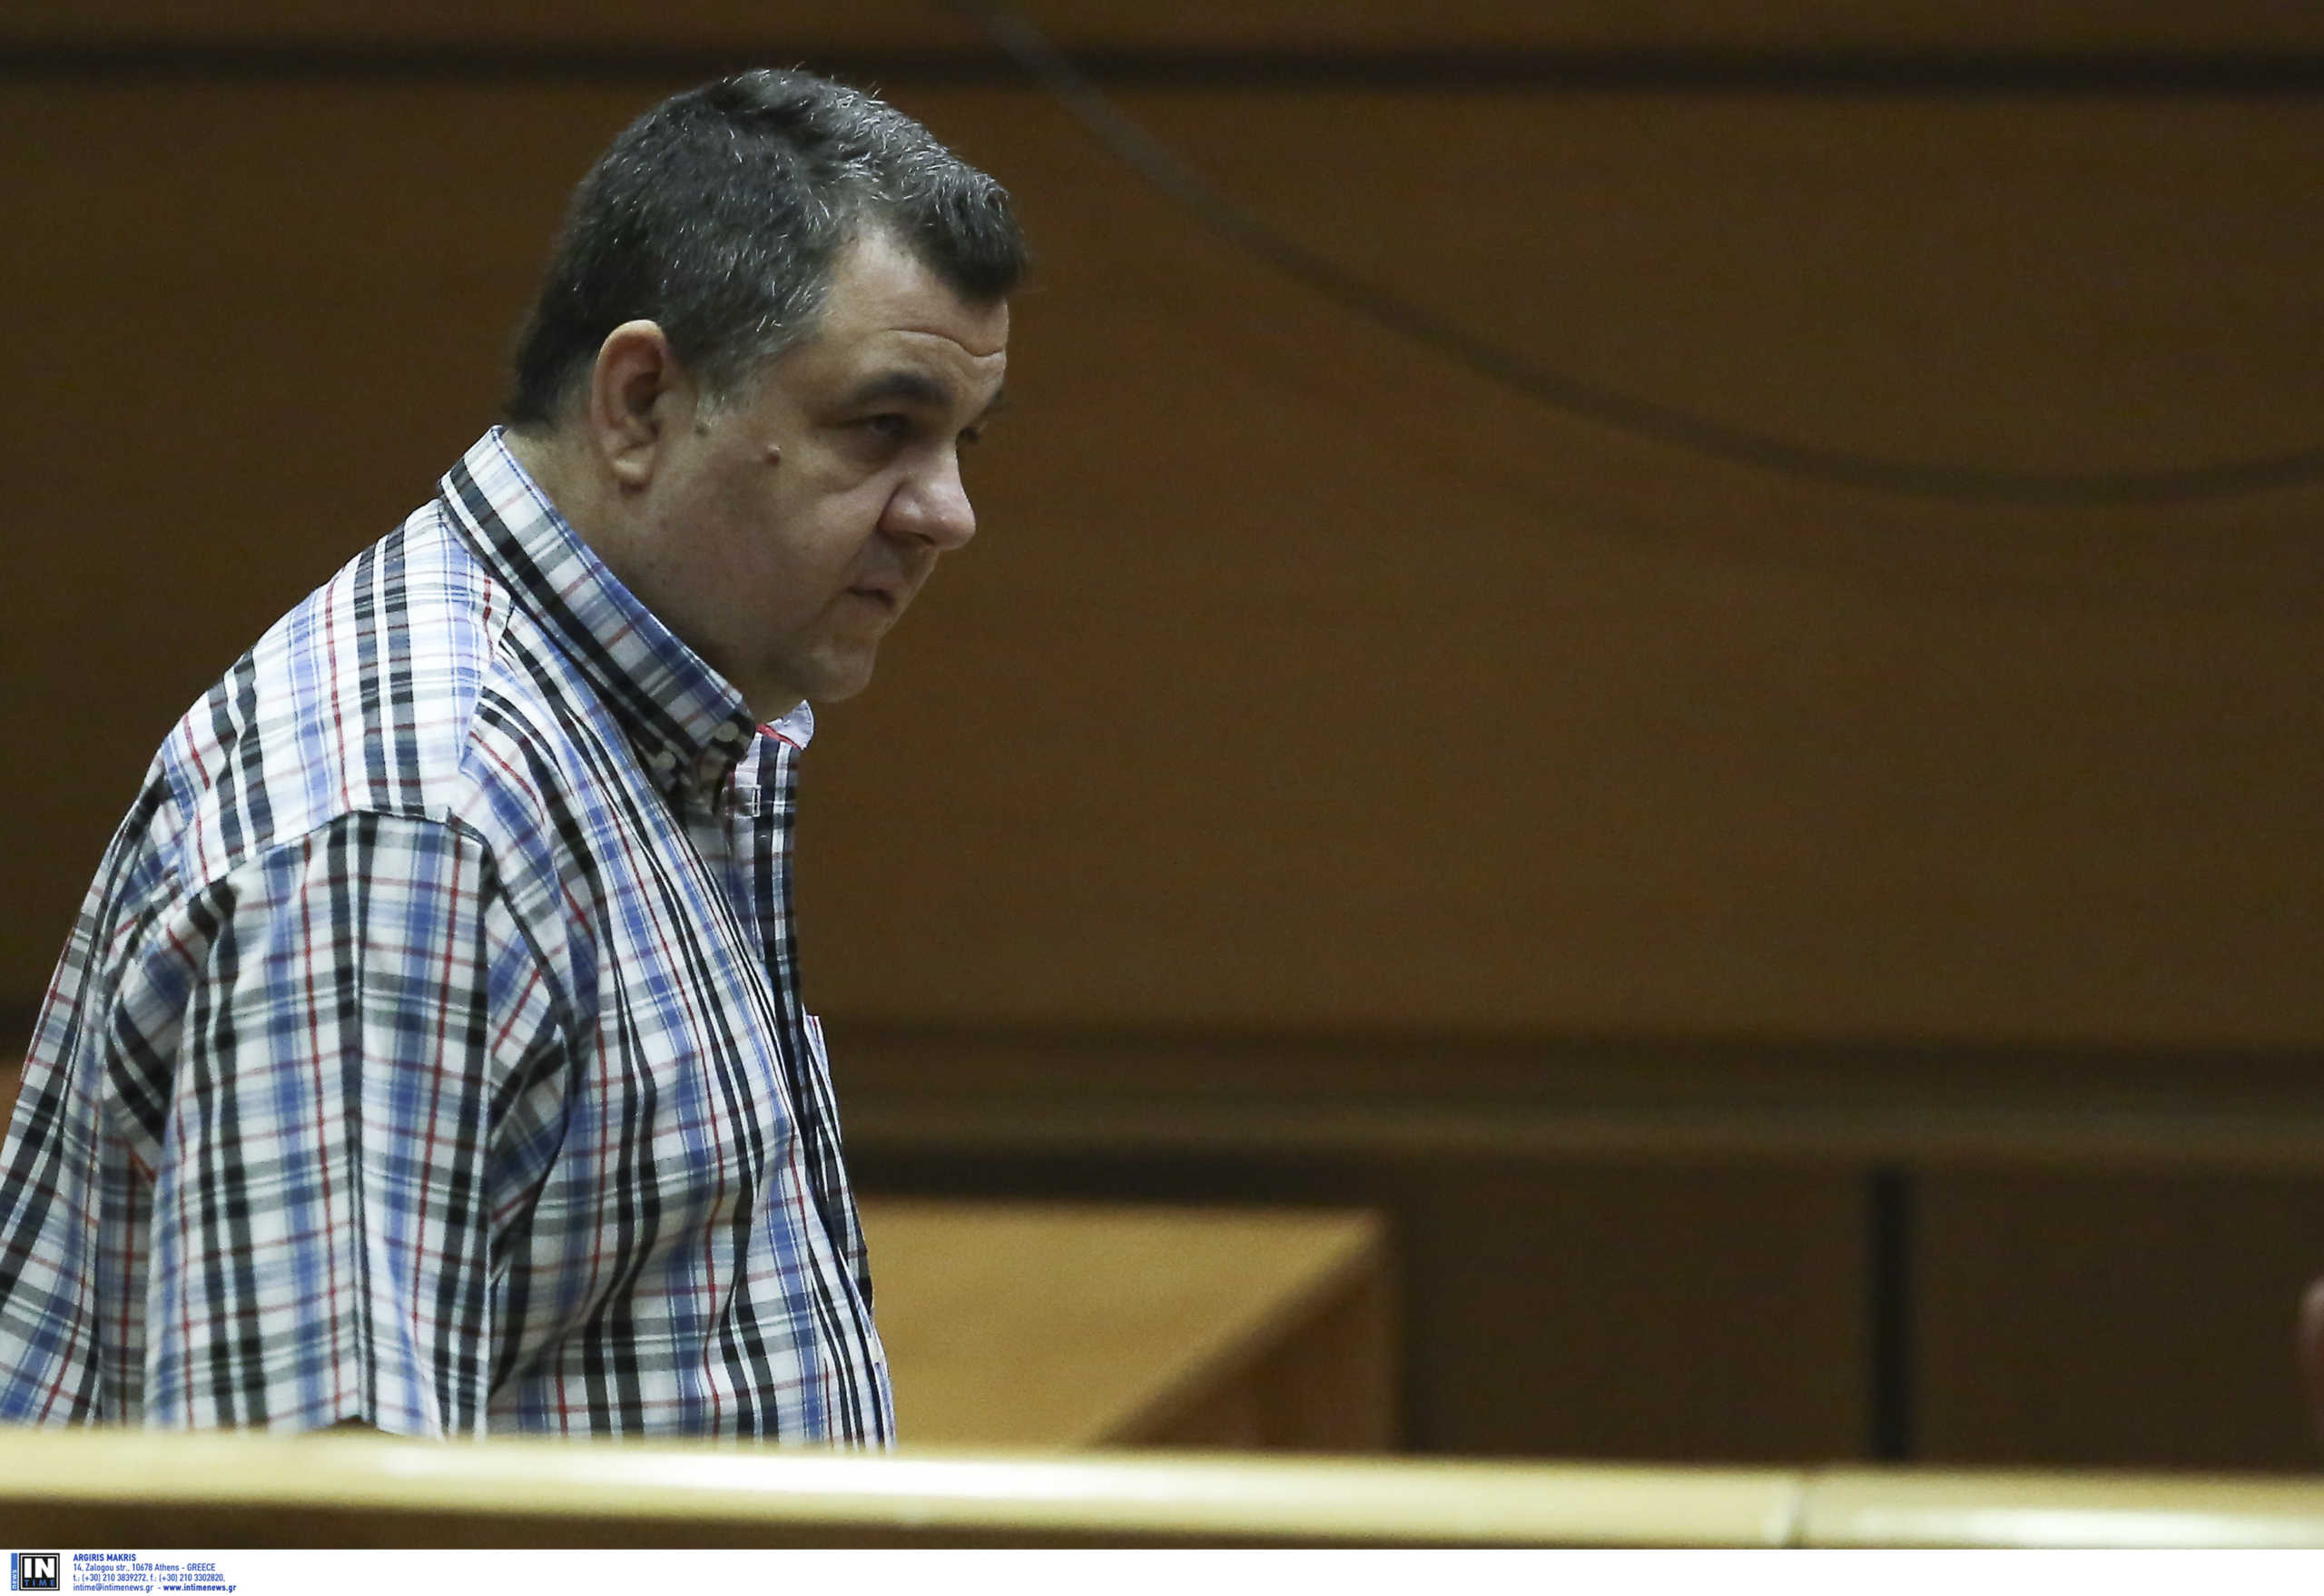 Δίκη Χρυσής Αυγής: Αυτές είναι οι τελικές ποινές – Ισόβια και 14 χρόνια σε Ρουπακιά και 13 χρόνια για έξι ηγετικά στελέχη